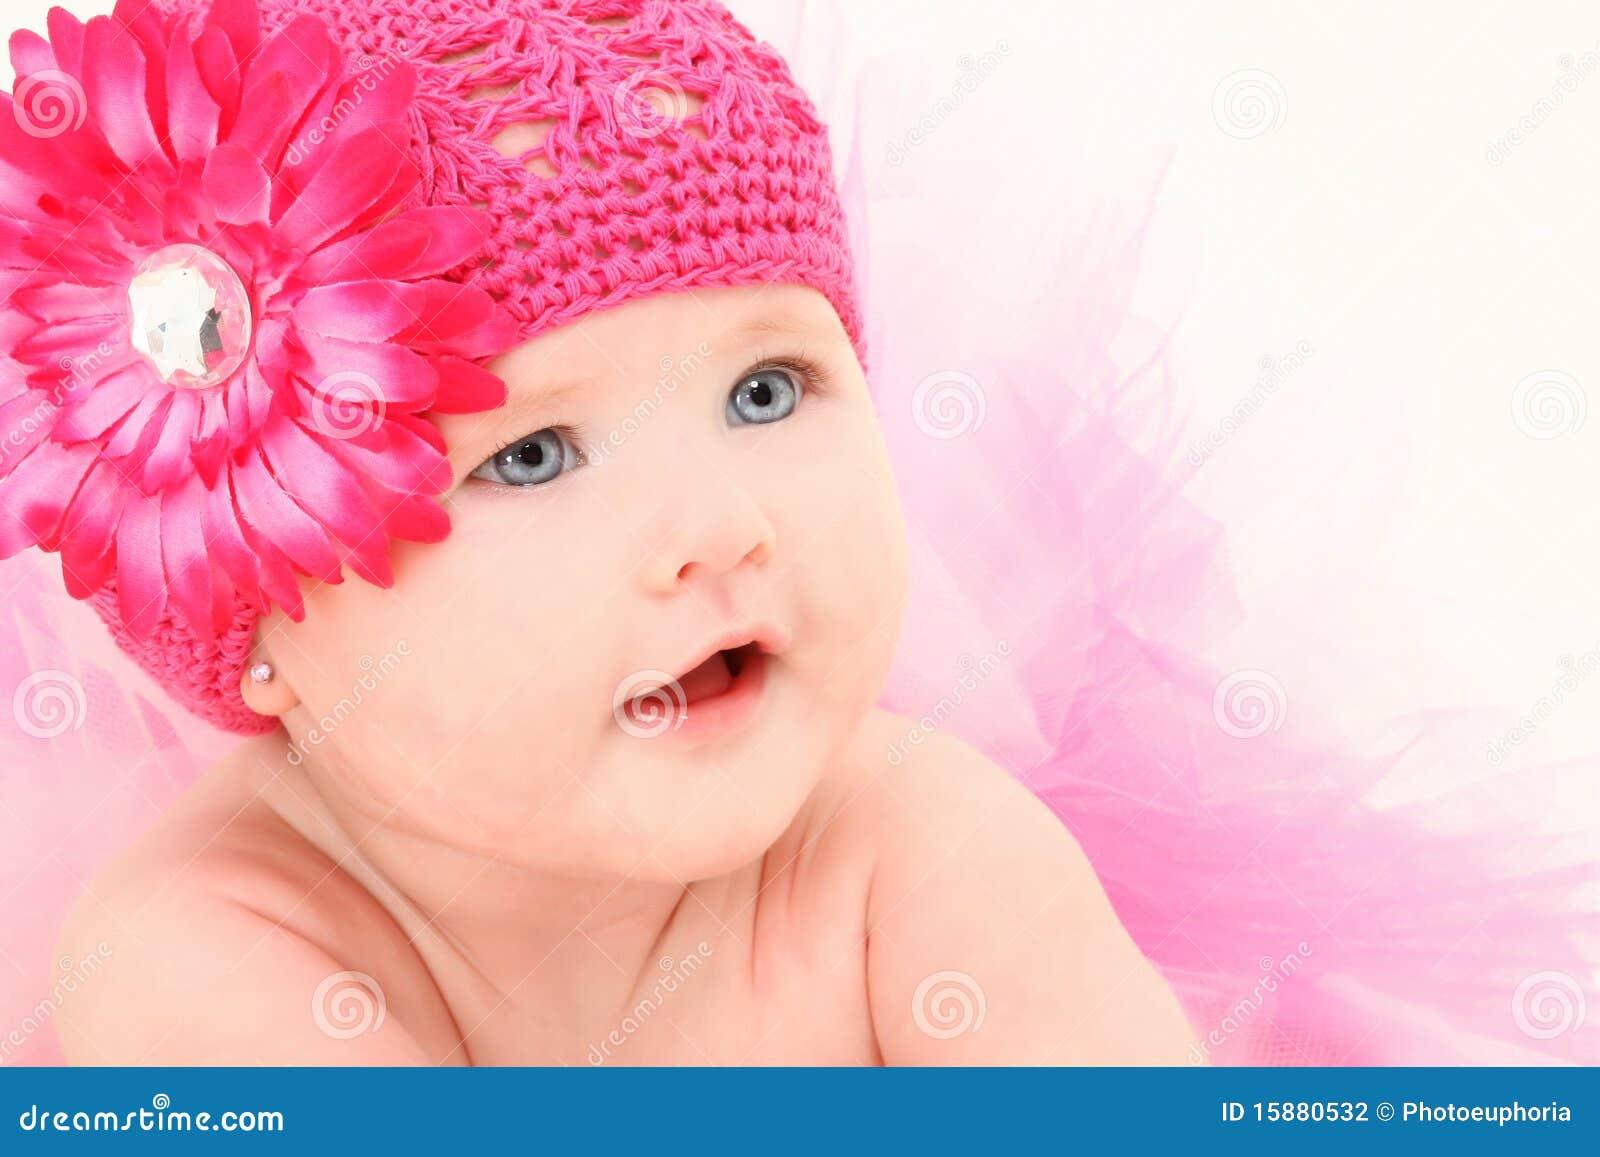 het aanbiddelijke meisje van de baby in de hoed van de bloem stock fotografie afbeelding 15880532 On baby meisje fotos